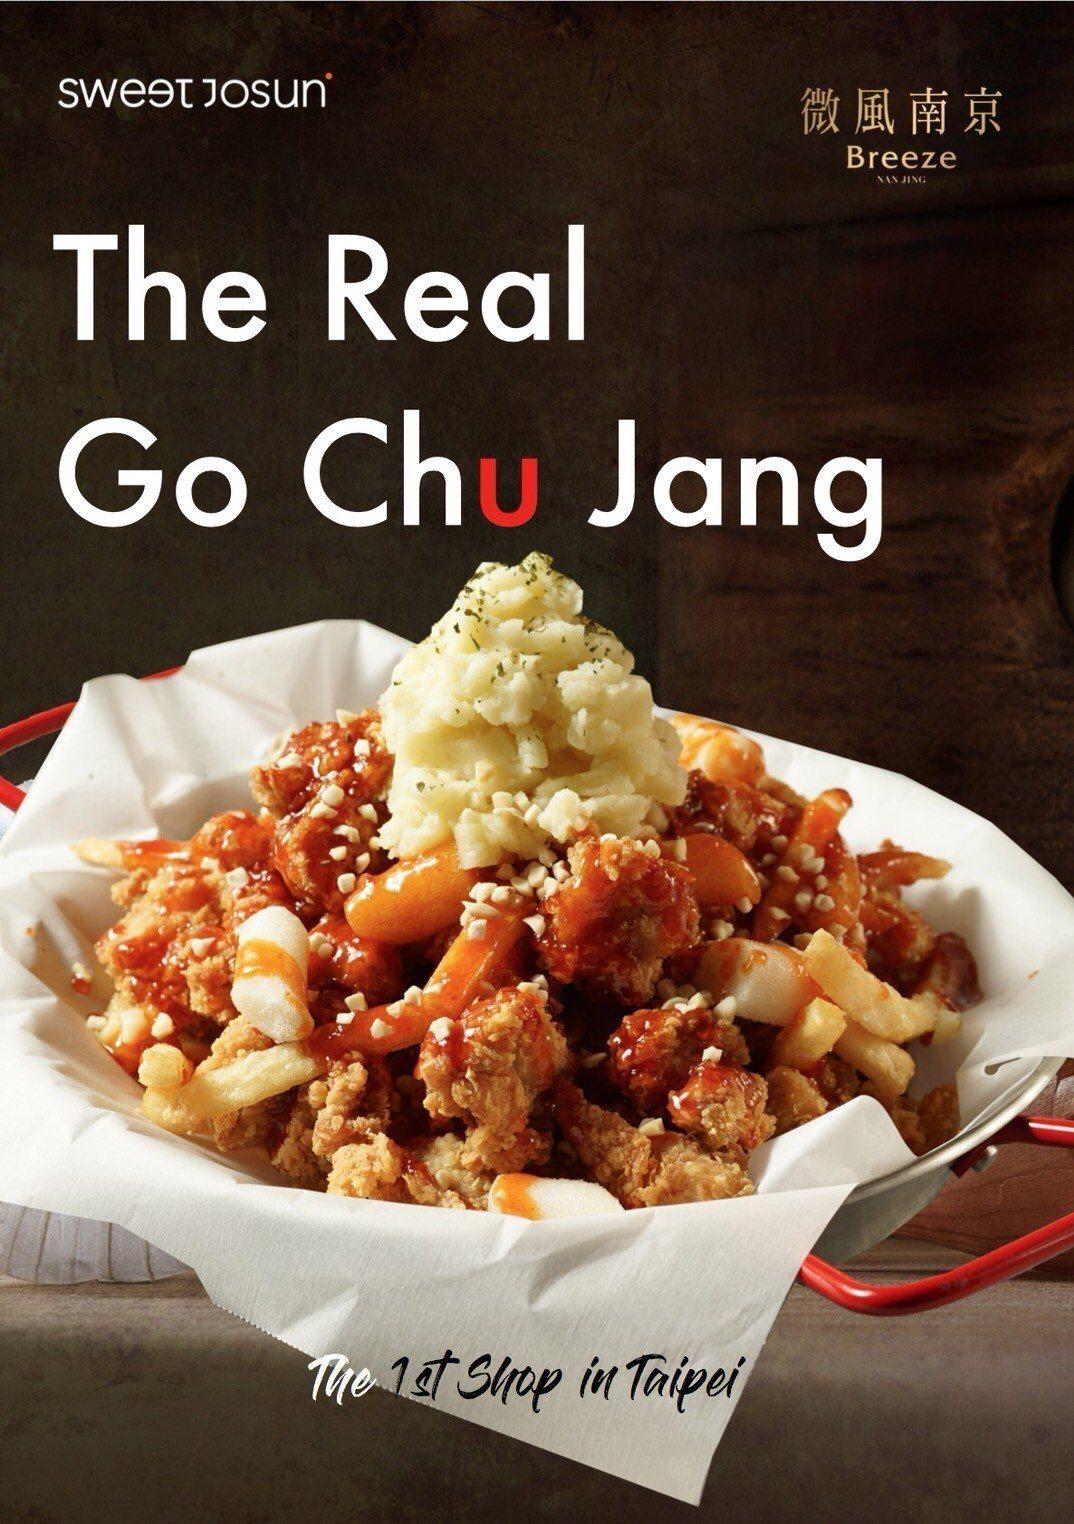 韓式炸雞品牌sweet josun在微風南京開幕。 圖/微風提供